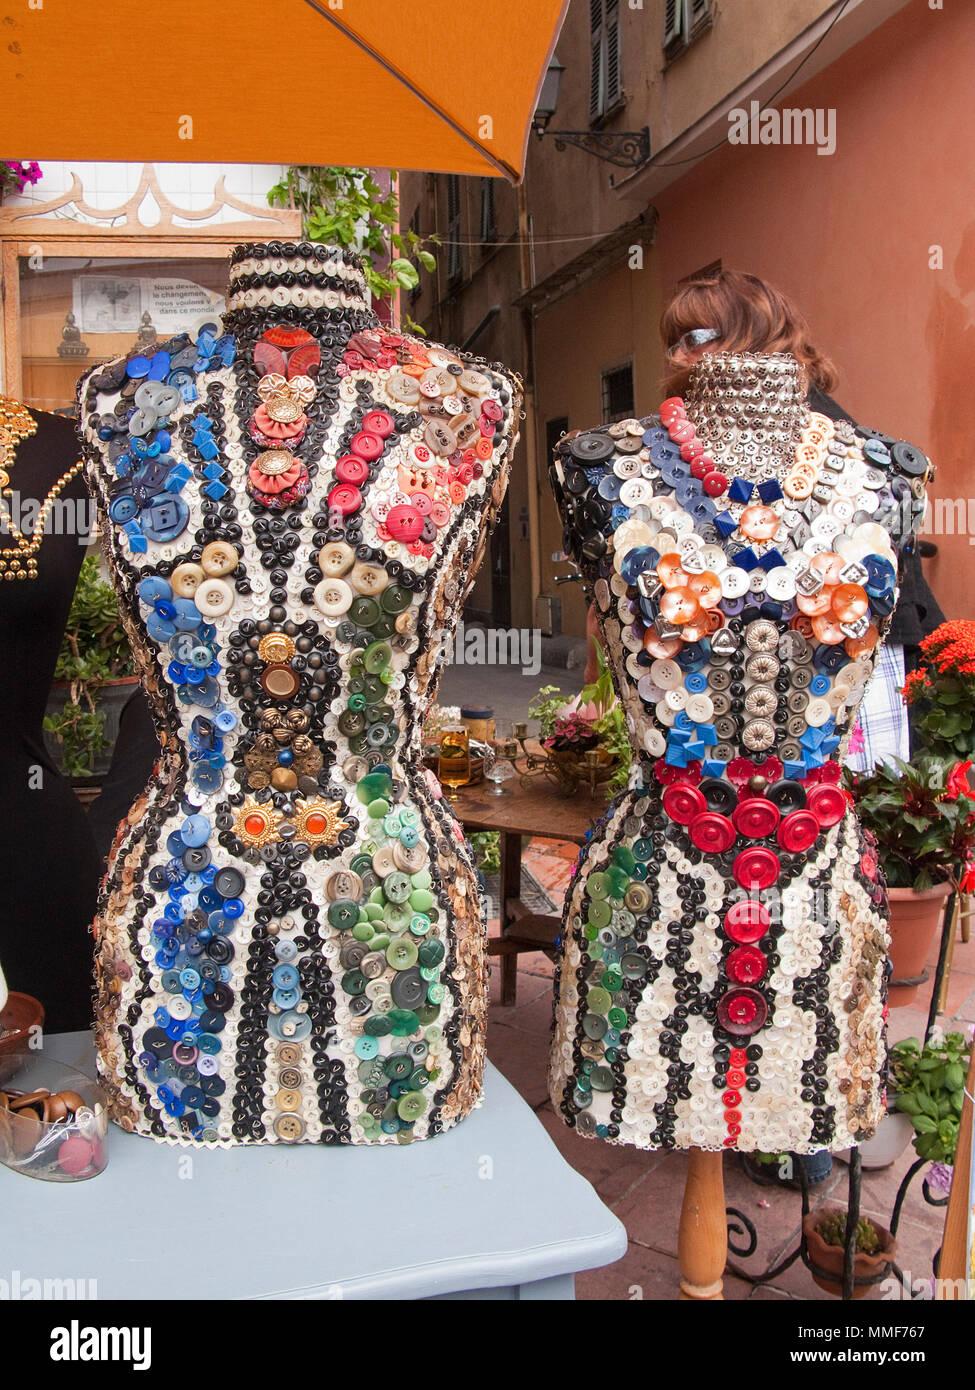 Kleid aus bunten Knoepfen in einem Modegeschaeft, Boutique, Platz Cours Saleya, Nizza, Suedfrankreich, Alpes-Maritimes, Cote d'Azur, Frankreich, Europ - Stock Image